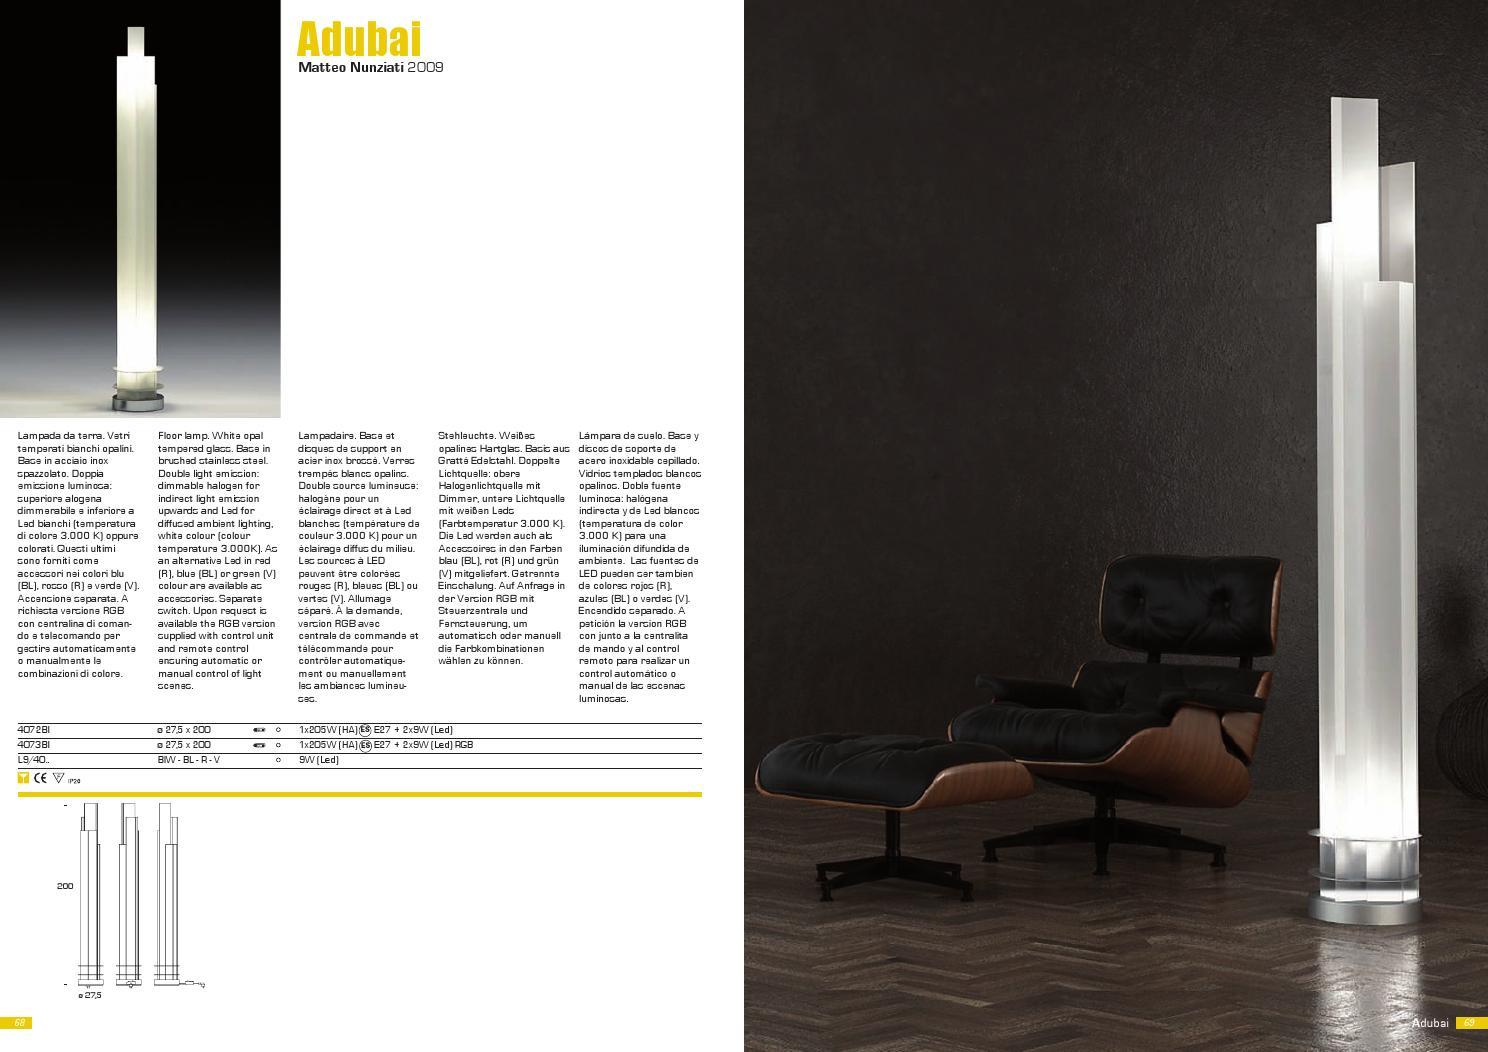 Accensione Lampadario Con Telecomando fontana arte 2010 by e27.ua - issuu